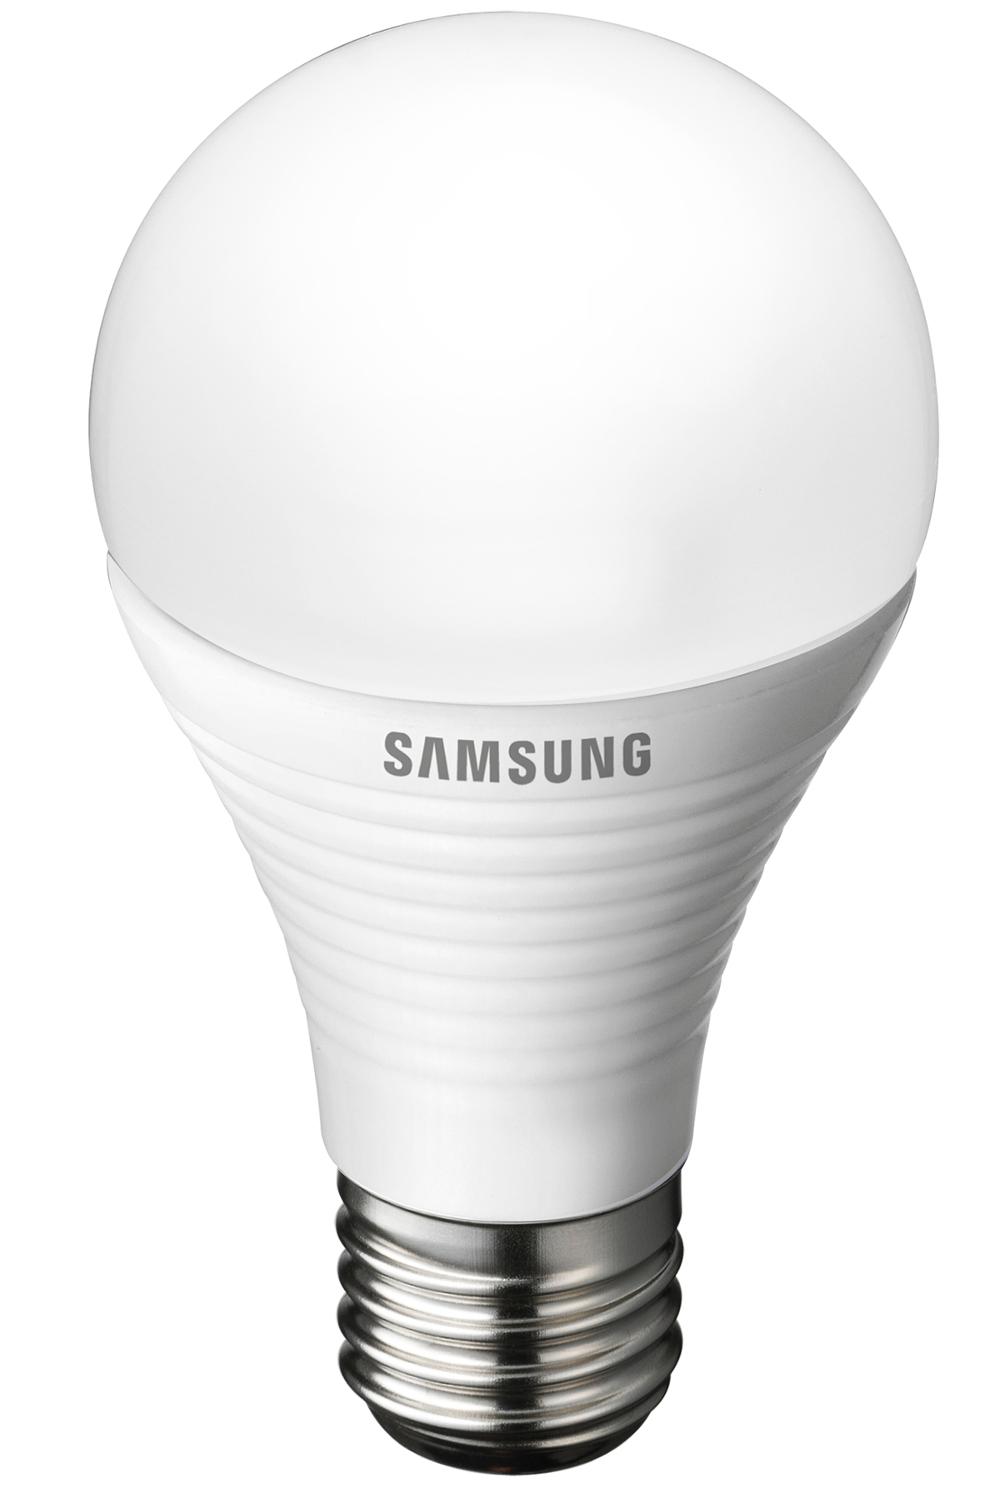 Samsung LED žárovka - E27 - 6,5W - 490L - teplá bílá